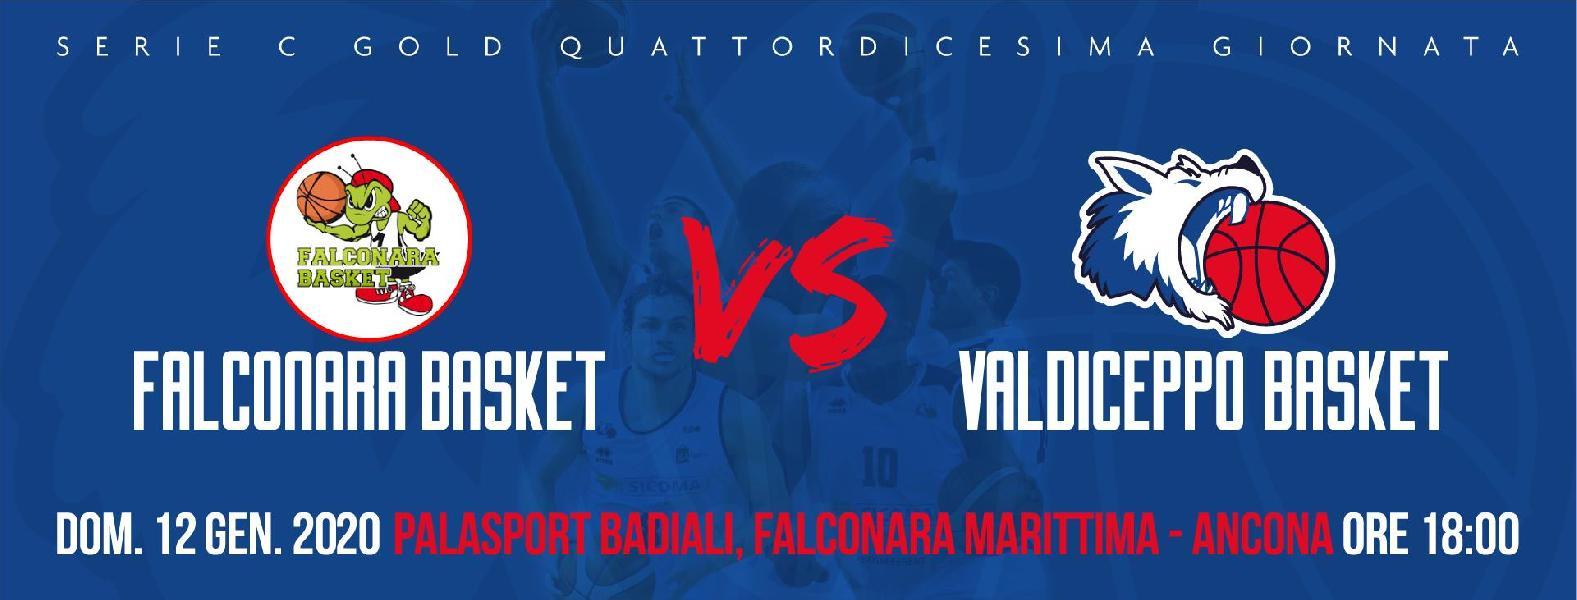 https://www.basketmarche.it/immagini_articoli/12-01-2020/valdiceppo-basket-cerca-continuit-campo-falconara-basket-600.jpg